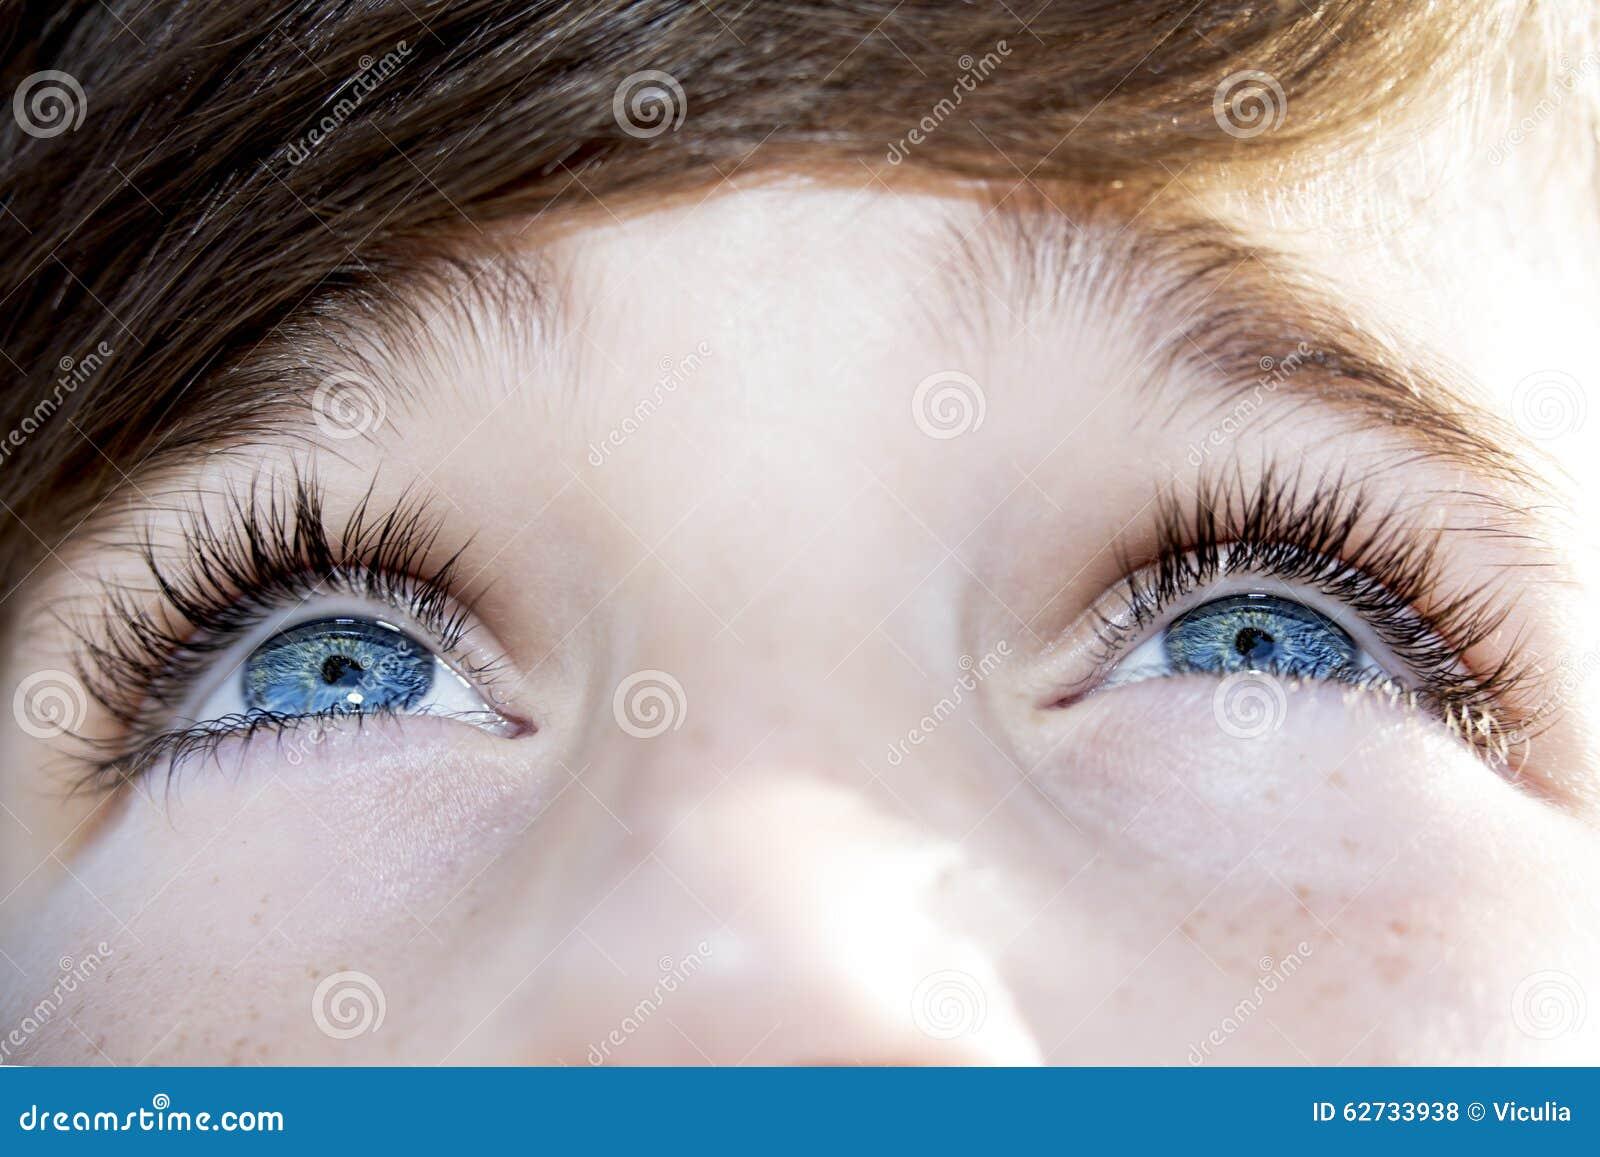 Wnikliwa spojrzeń niebieskich oczu chłopiec